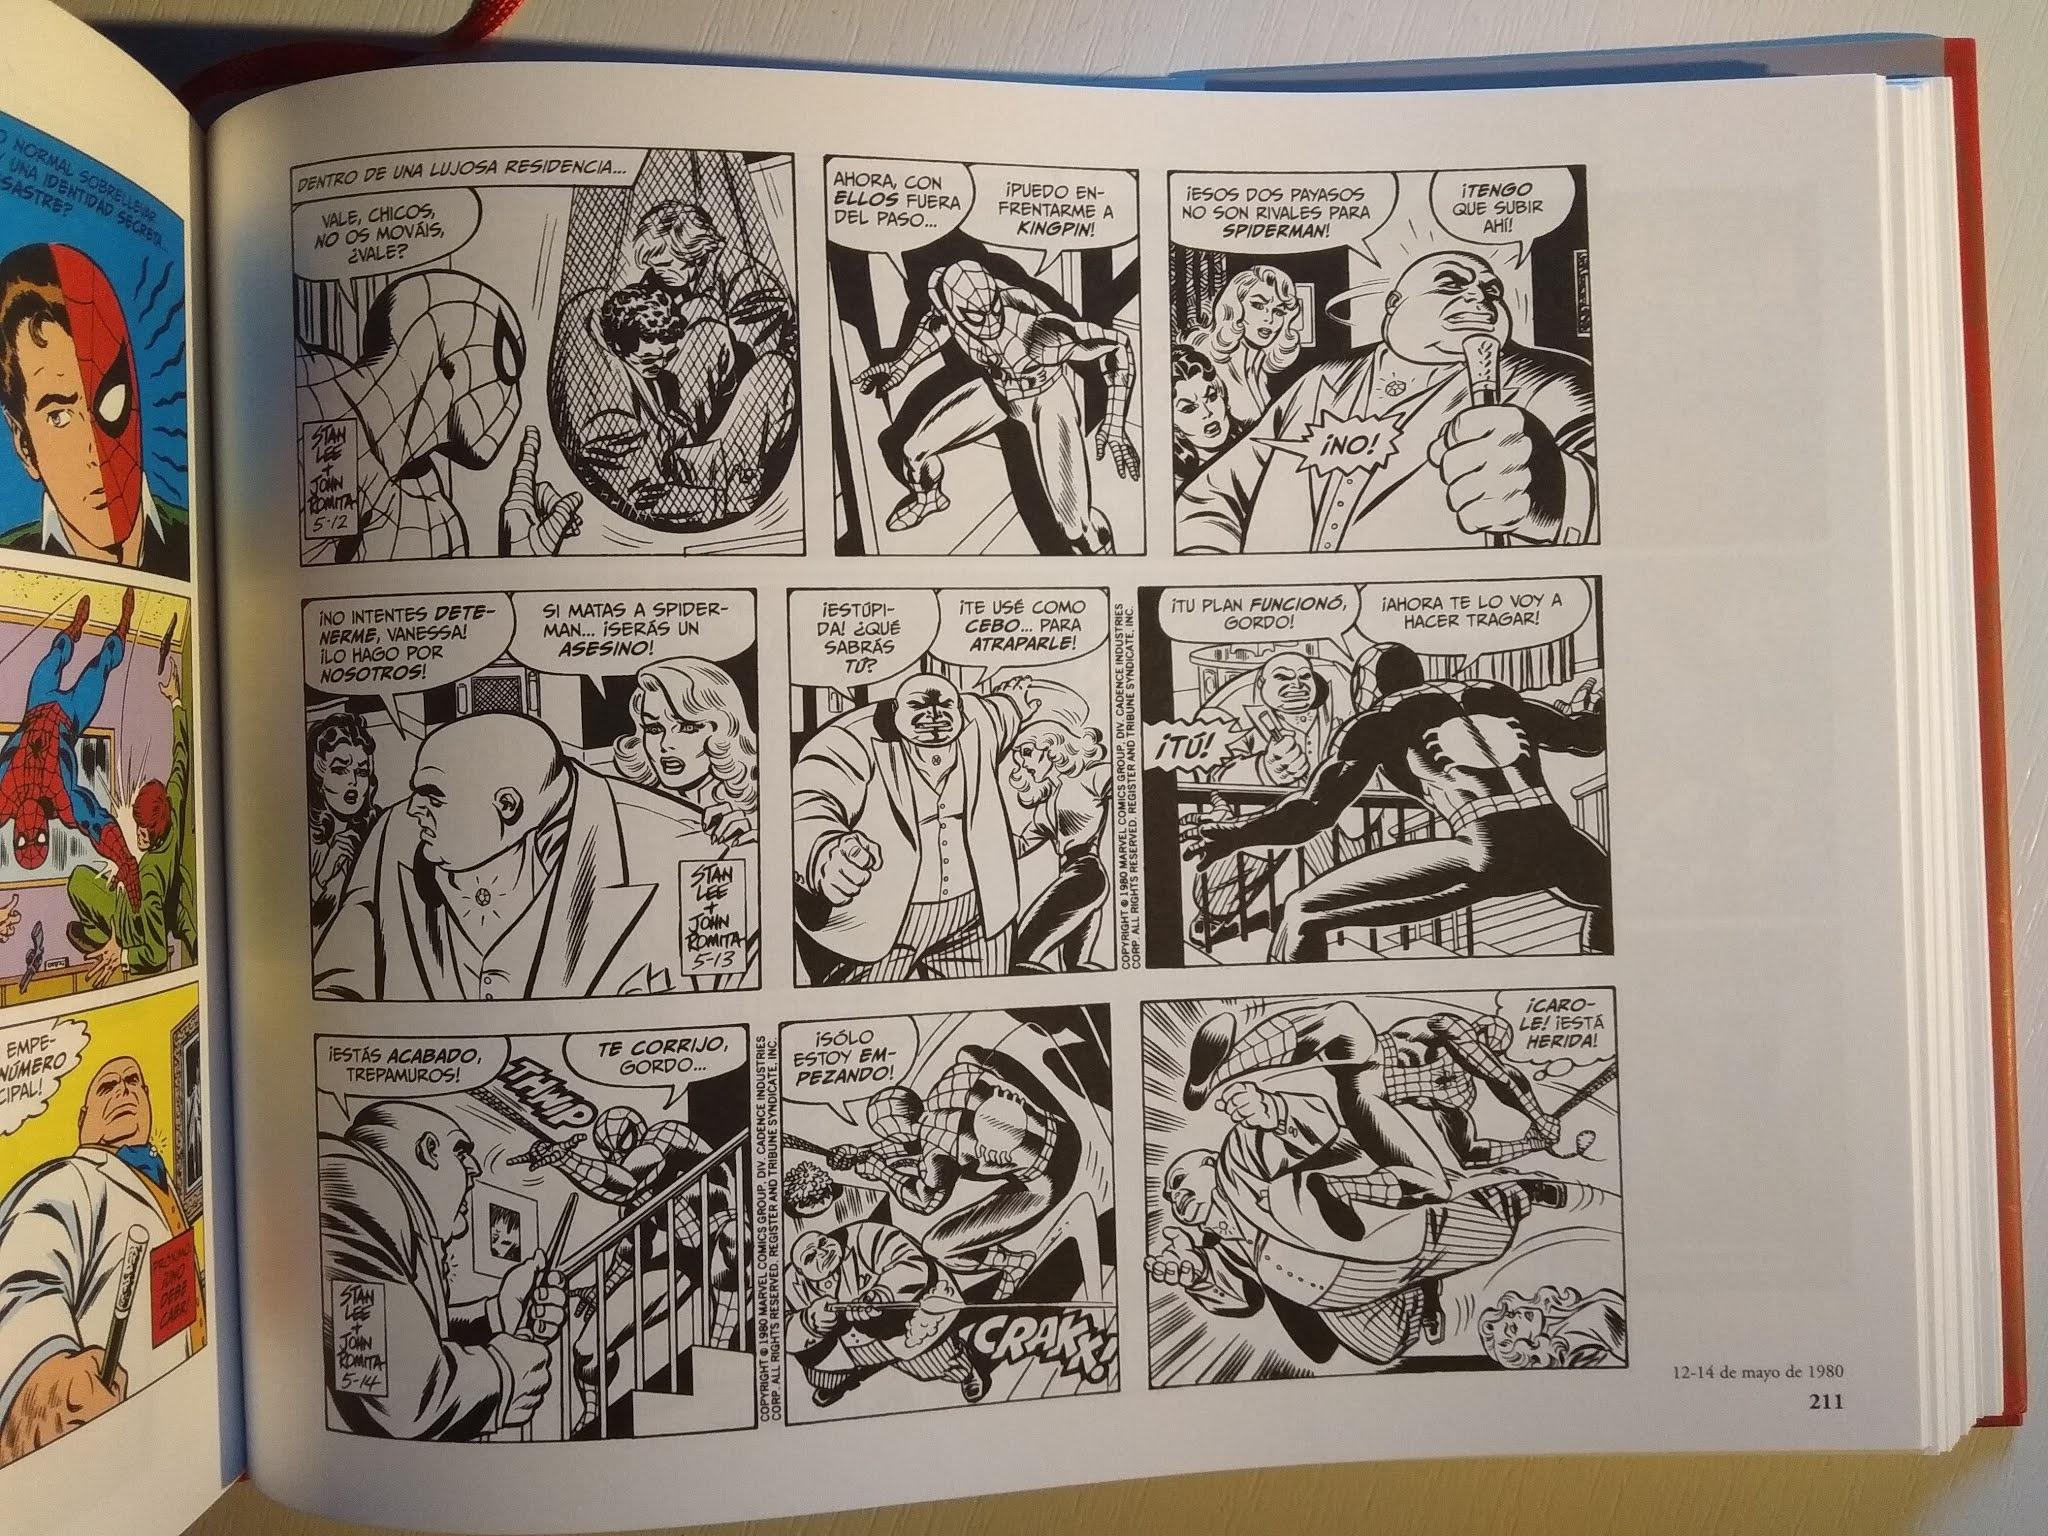 El Asombroso Spiderman: Las Tiras de Prensa 1979-1981